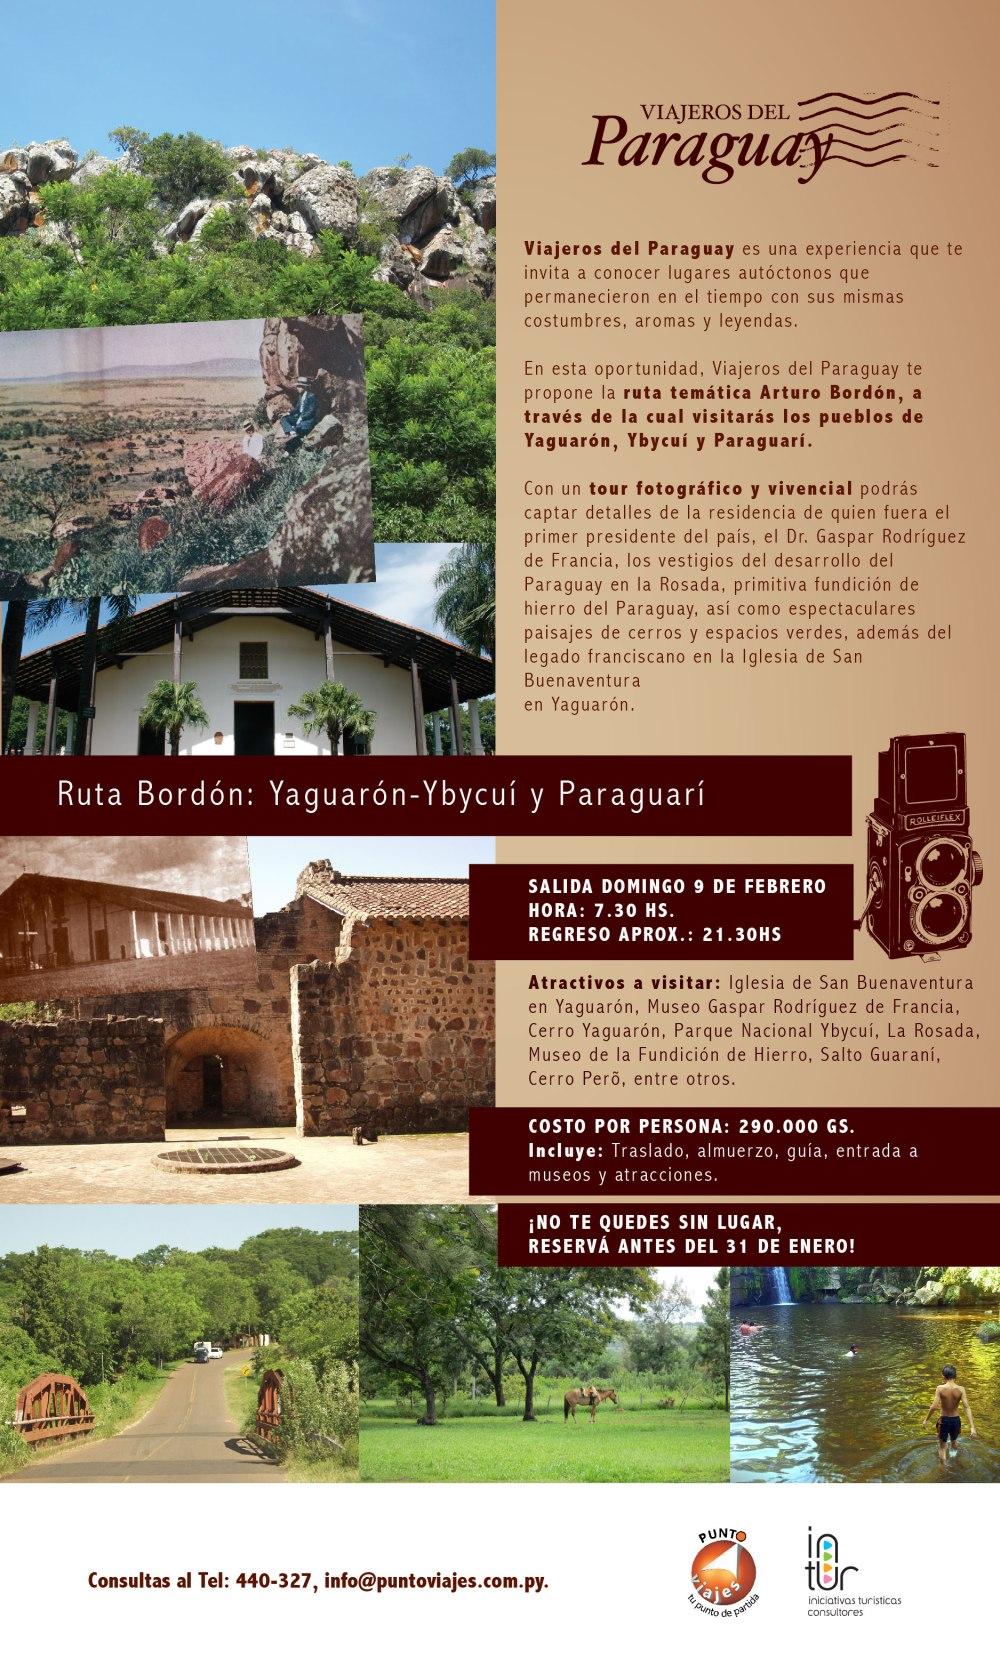 Viajeros del Paraguay